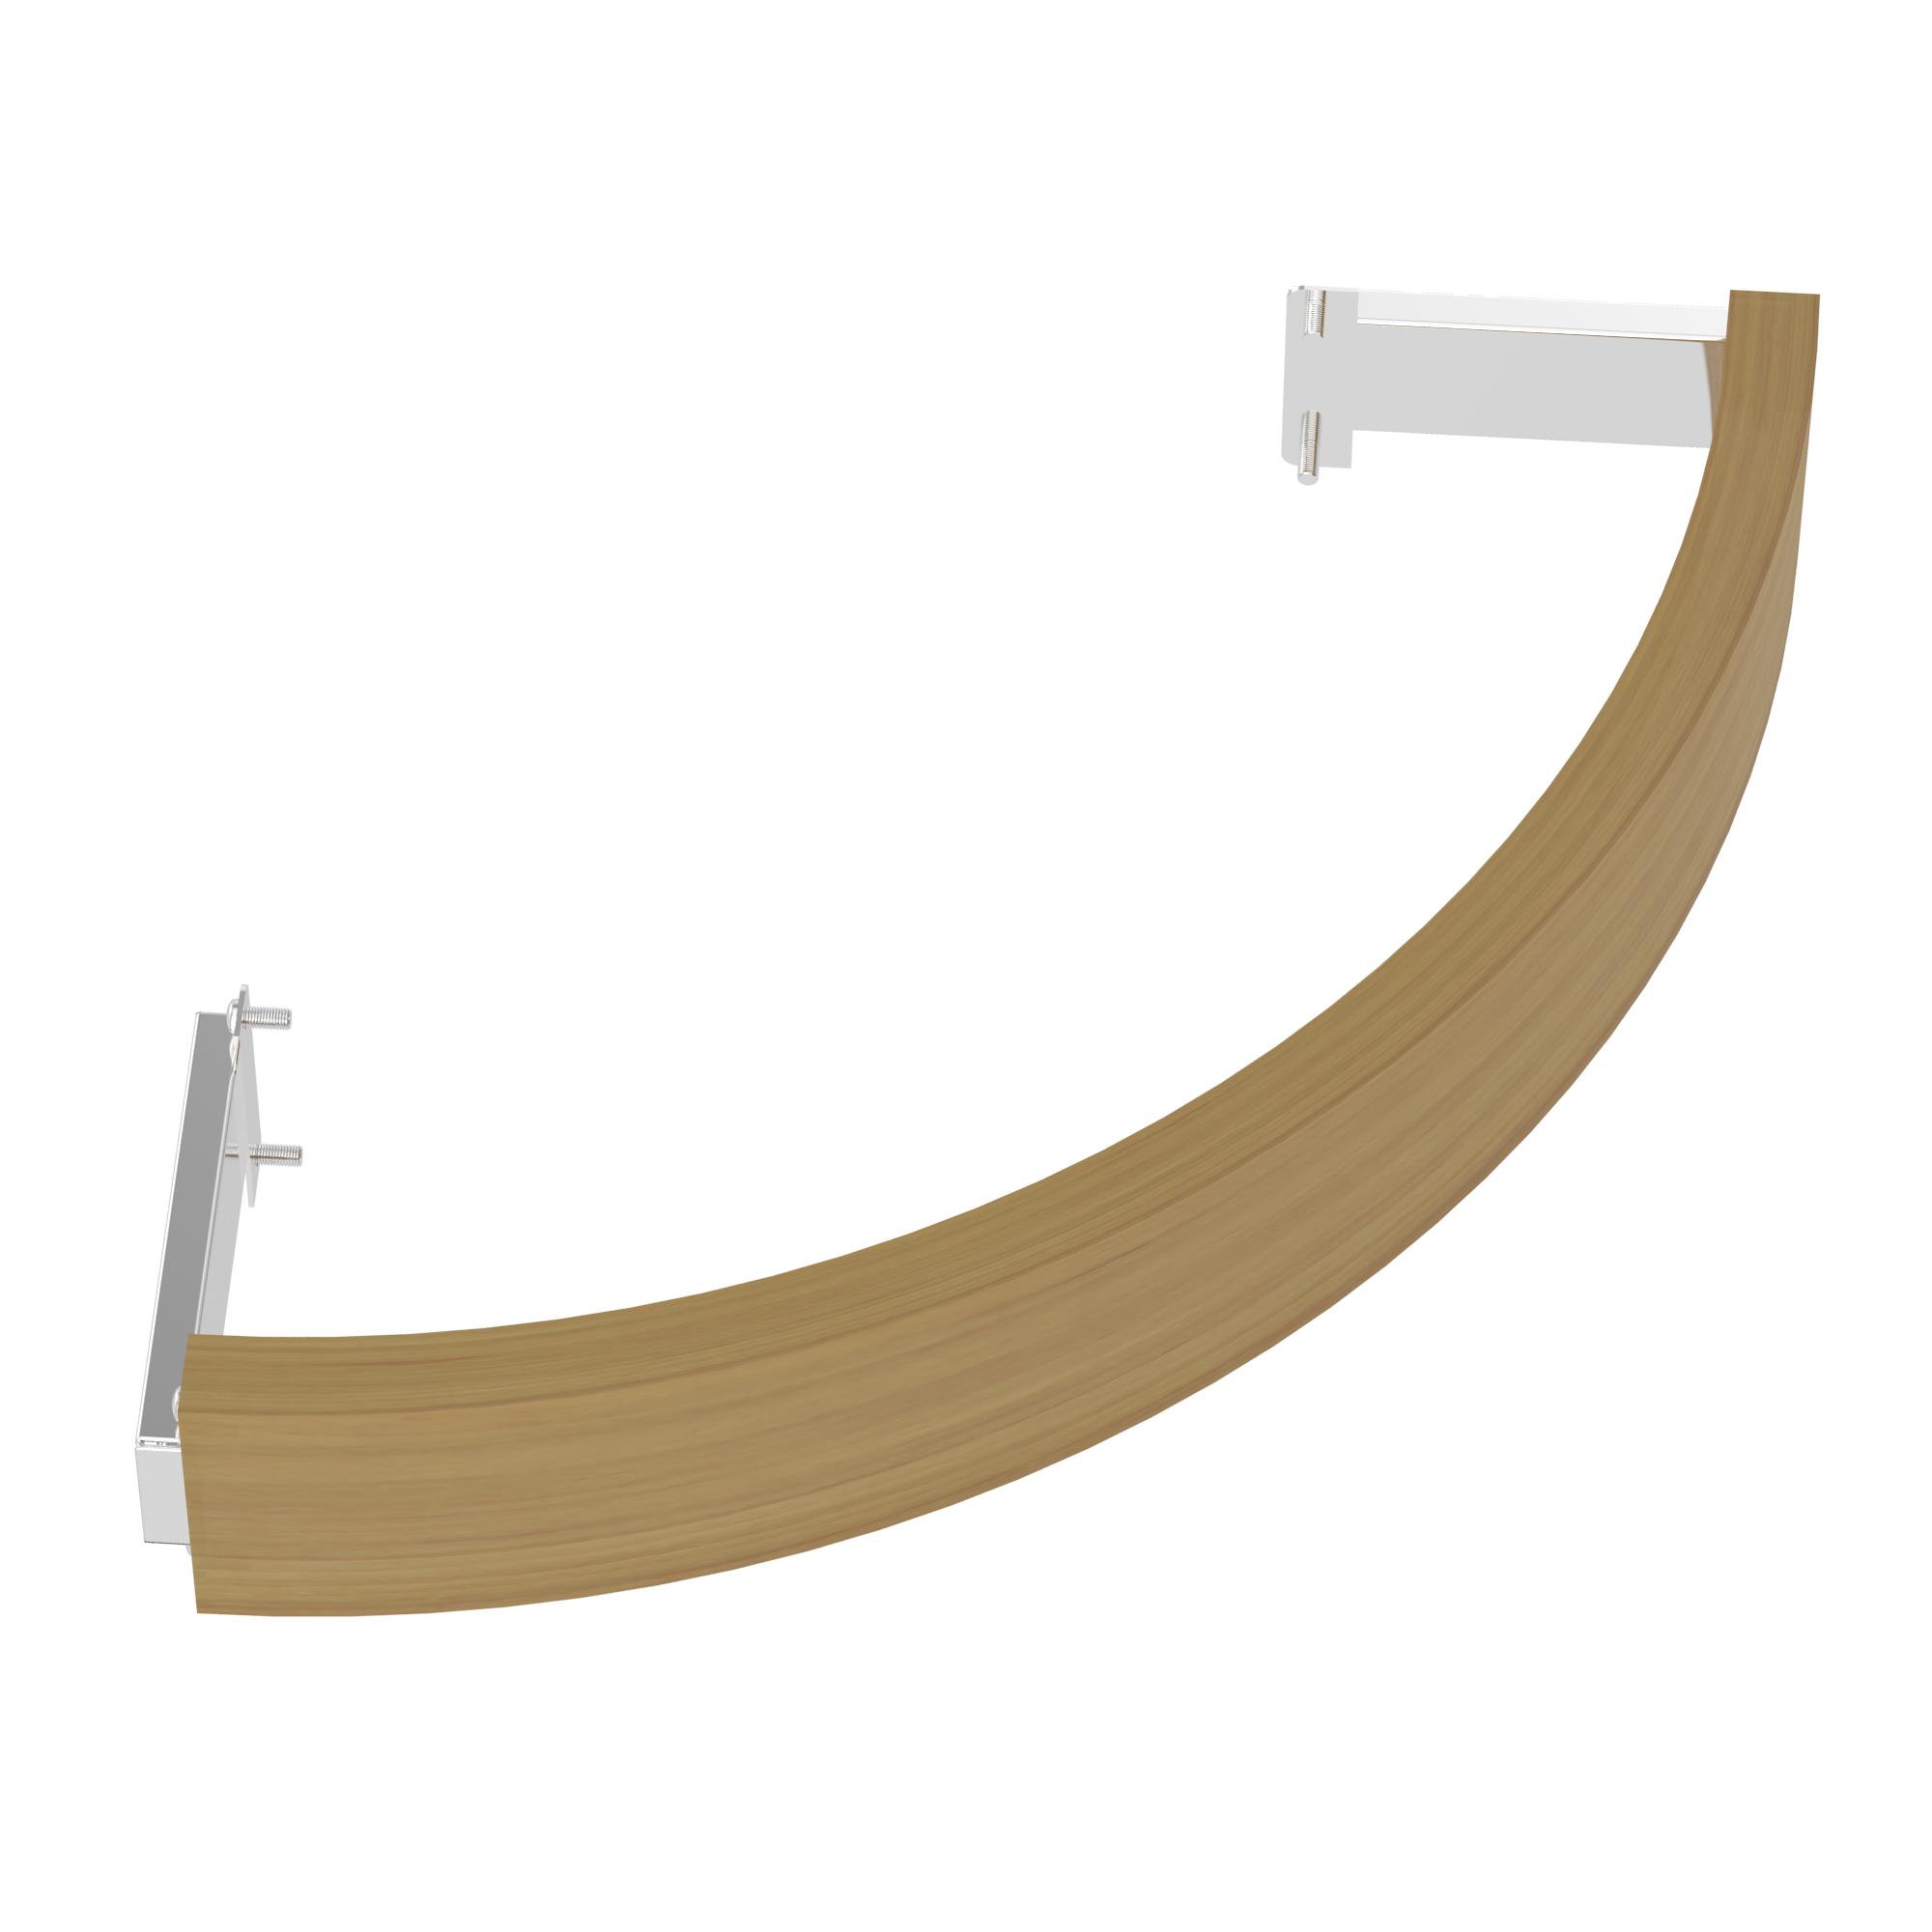 Ограждения и коврики: Деревянное ограждение SAWO TH-GUARD-W2-CNR-D для печи угловой установки TOWER TH2 и TH3 (кедр) ограждения и коврики деревянное ограждение sawo th guard w2 cnr d для печи угловой установки tower th2 и th3 кедр